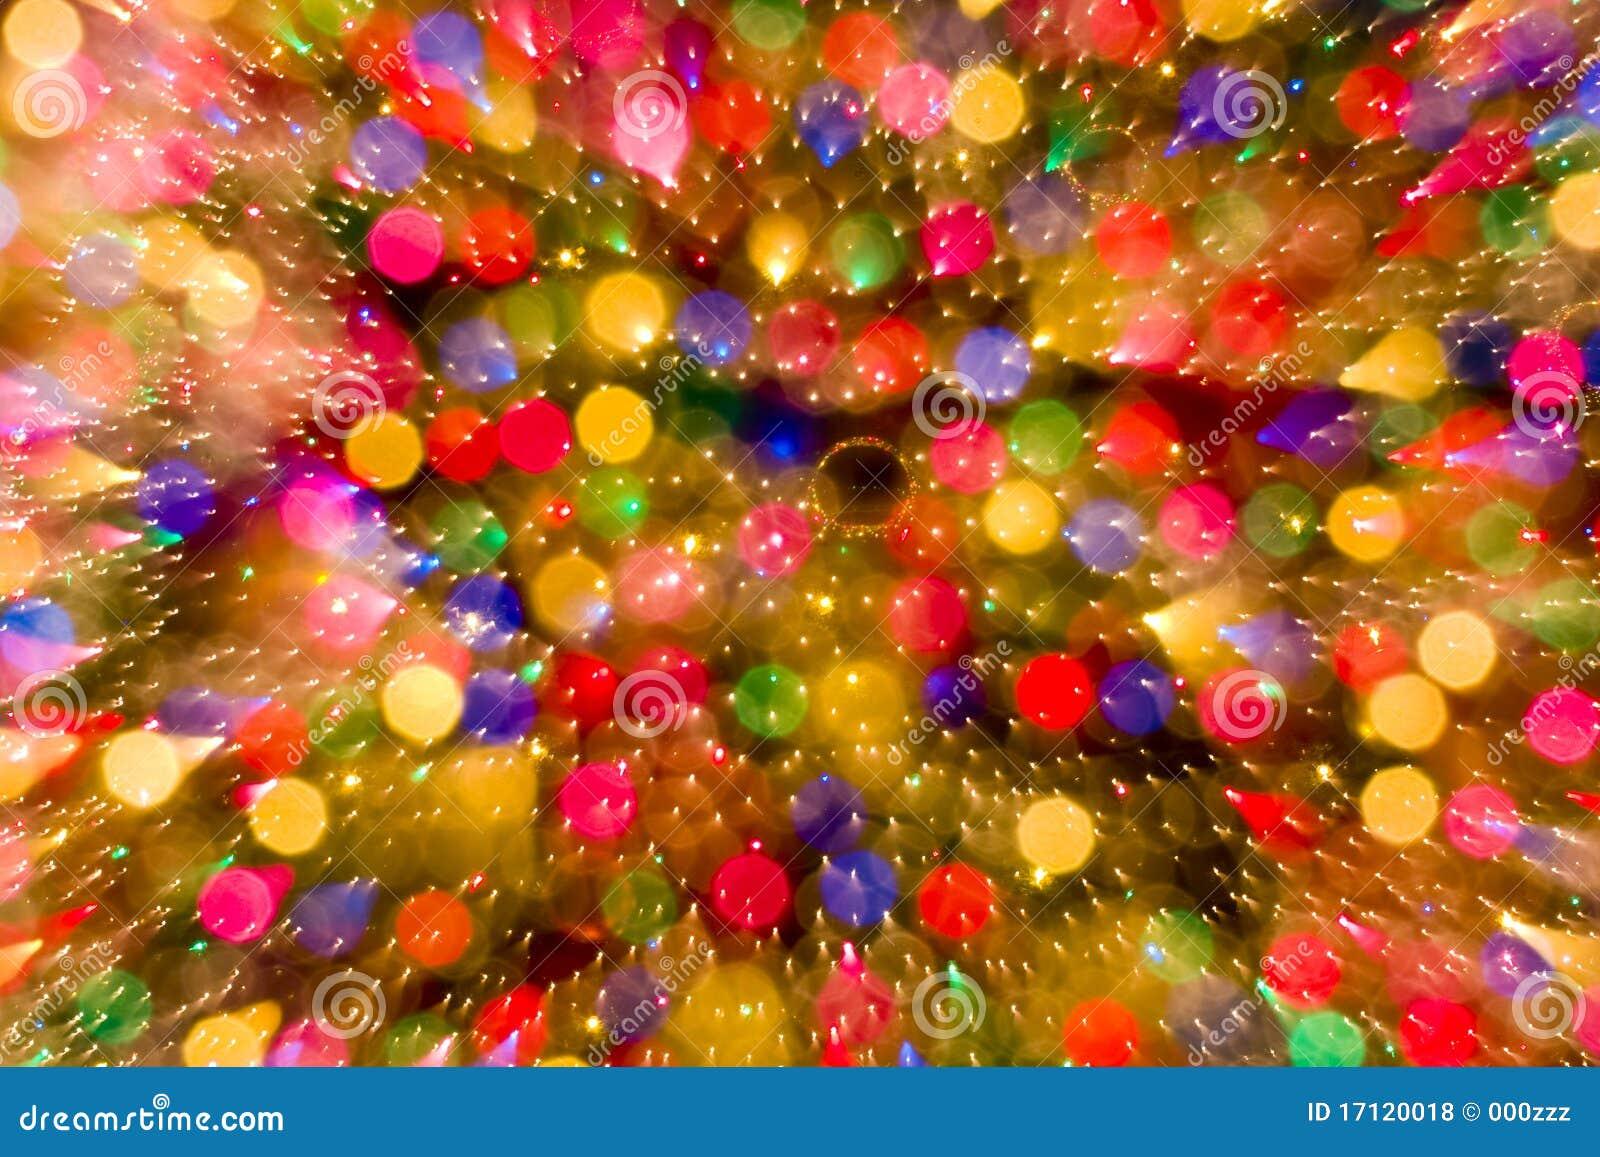 Image En Couleur De Noel.Fond Abstrait De Couleur De Lumieres De Bokeh De Noel Photo